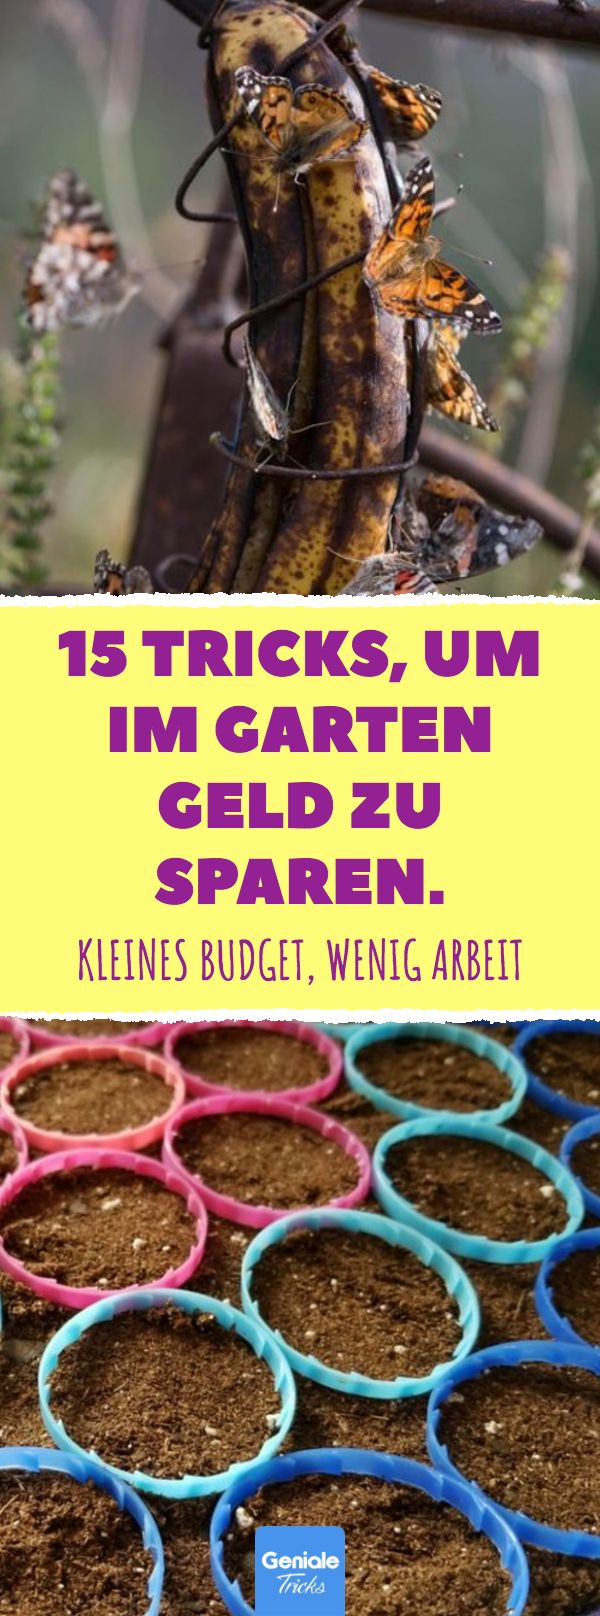 15 Tricks, um im Garten Geld zu sparen. Günstige Gartenideen: 15 Tipps zur …